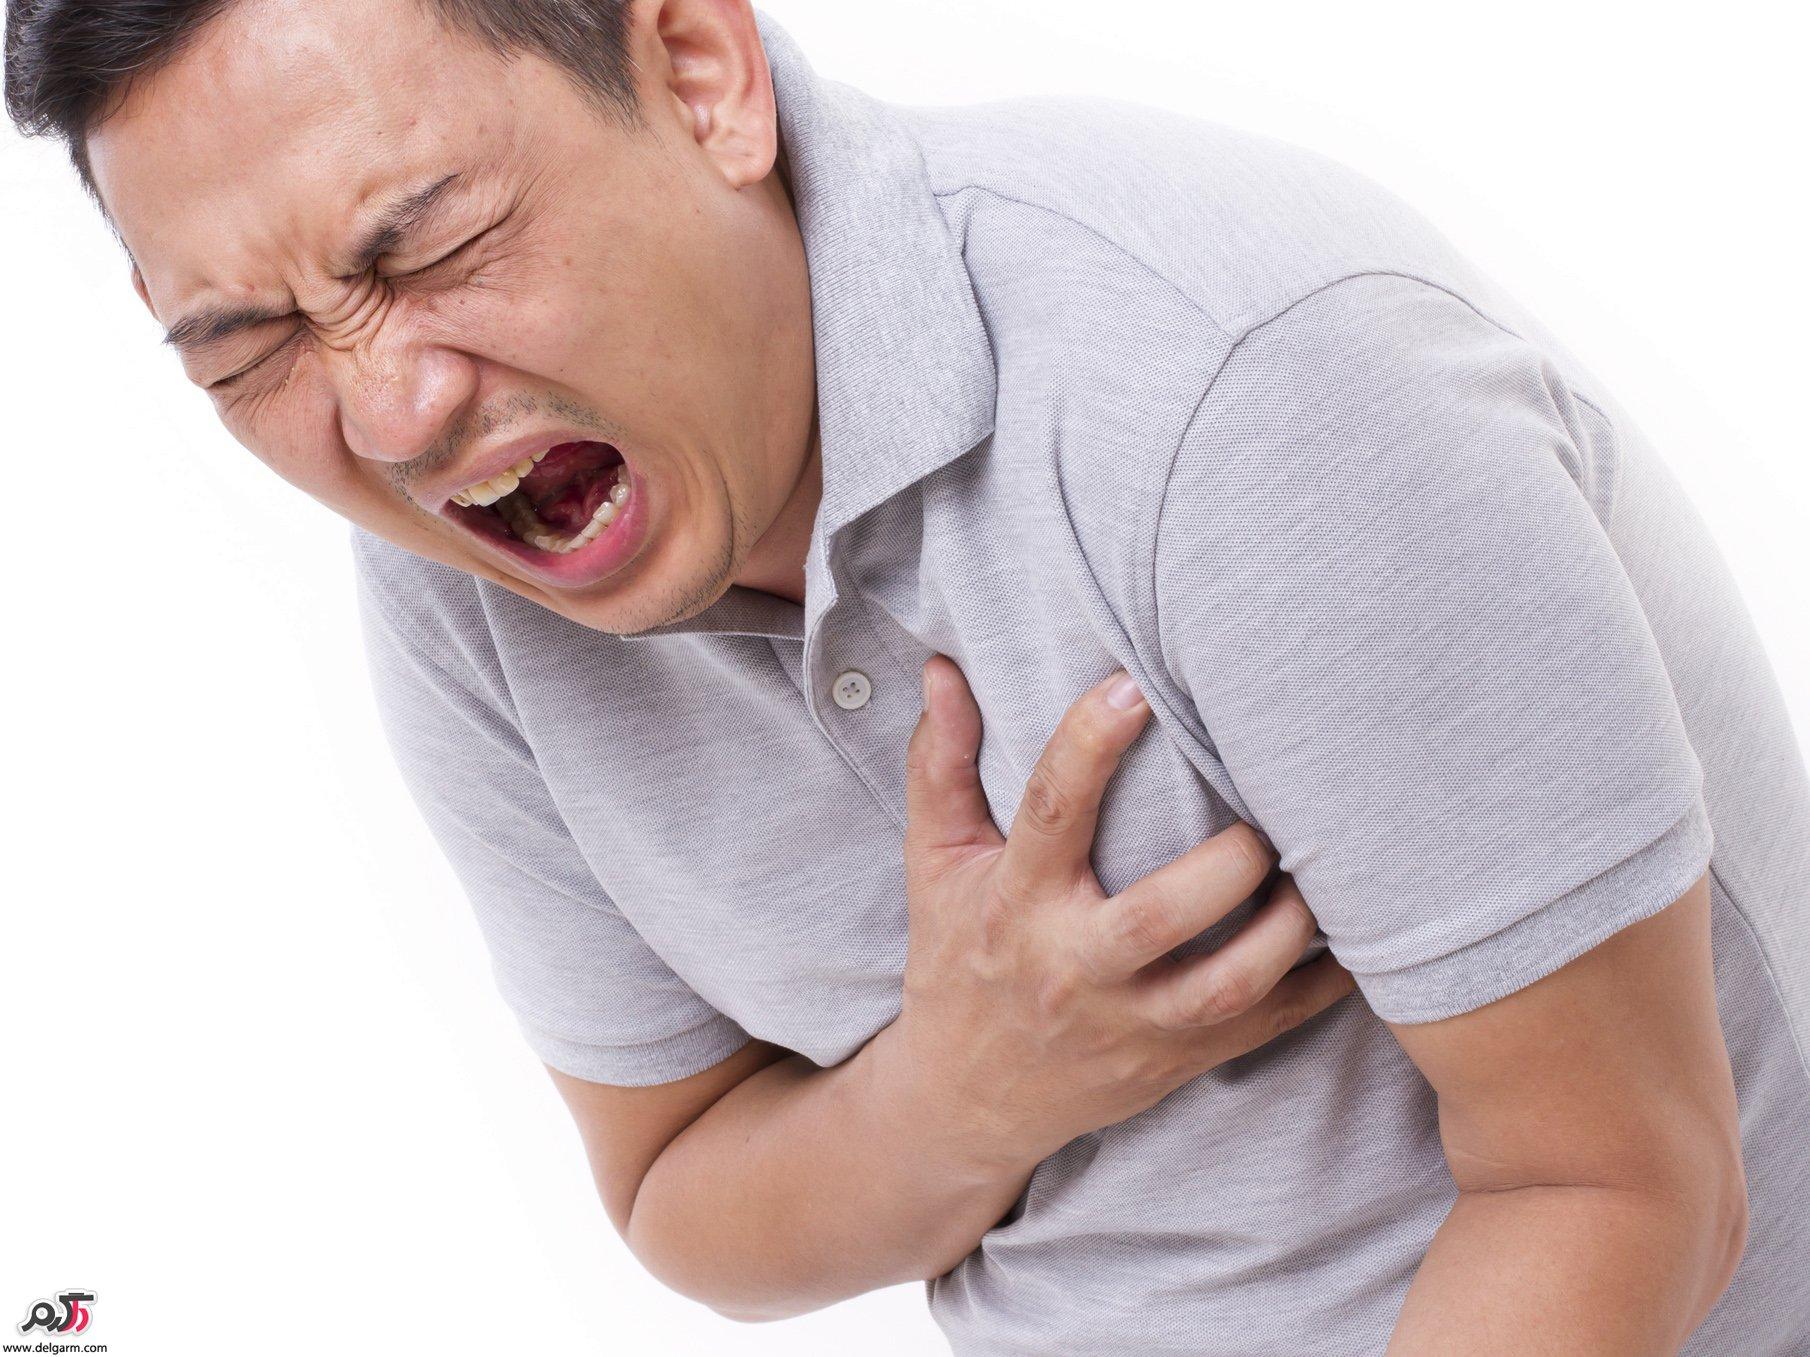 هنگام حملات قلبی چه باید کرد ؟